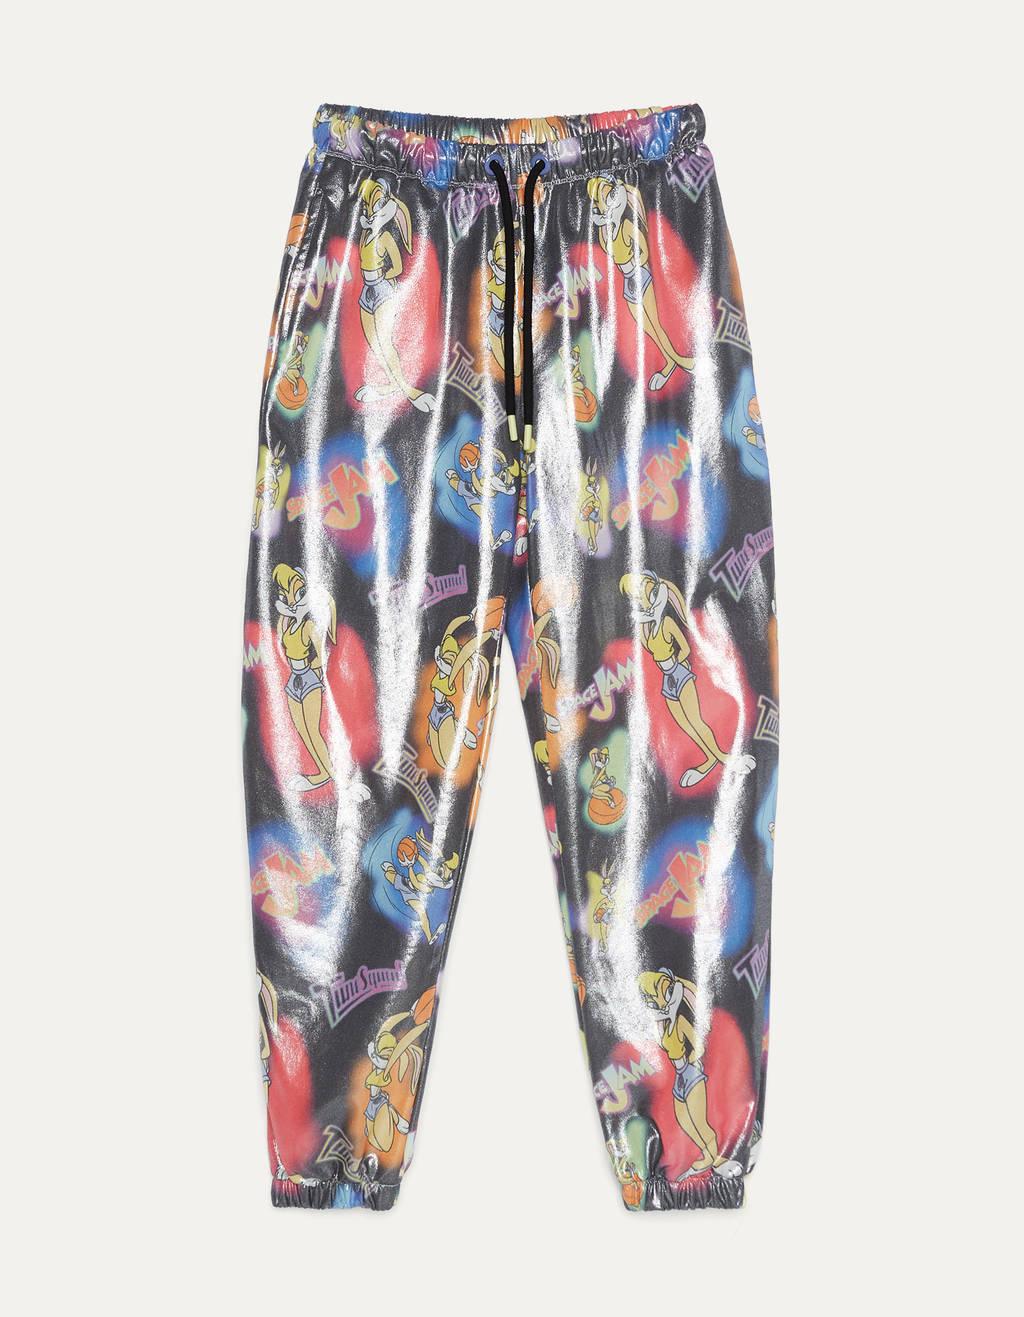 Pantalón jogger con cintura elástica ajustada por cordón y detalle de botones presión. Corte ligeramente fluido con goma en bajo.